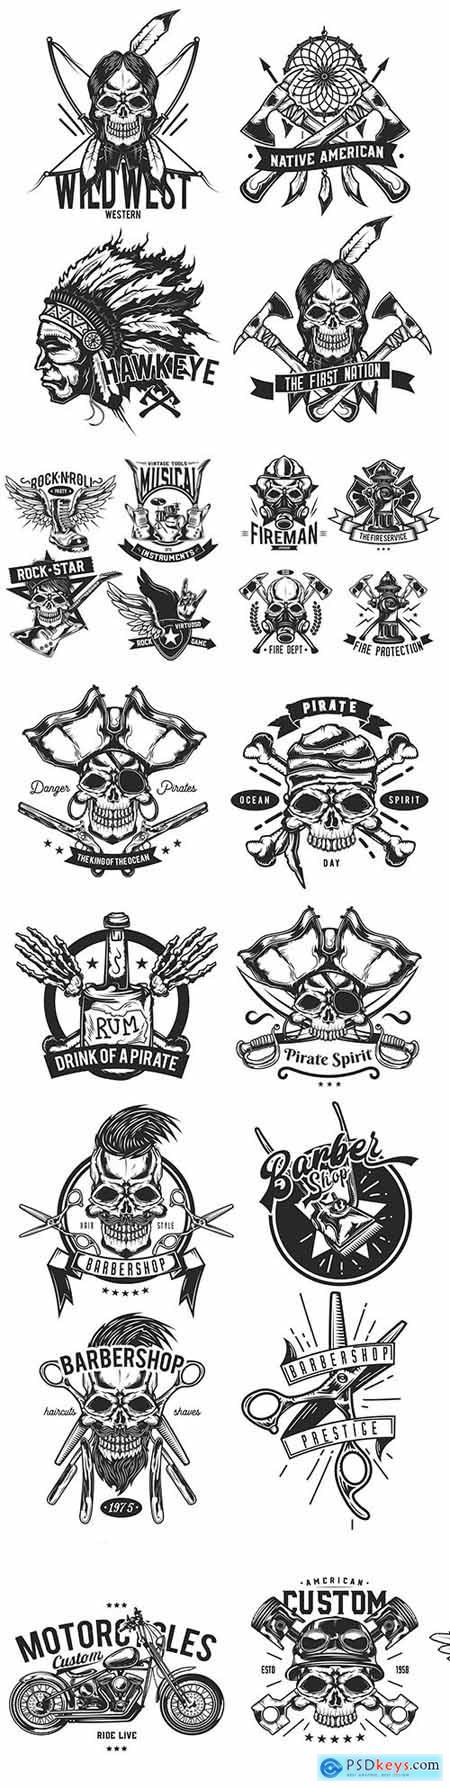 Grunge emblem and label typography vintage design